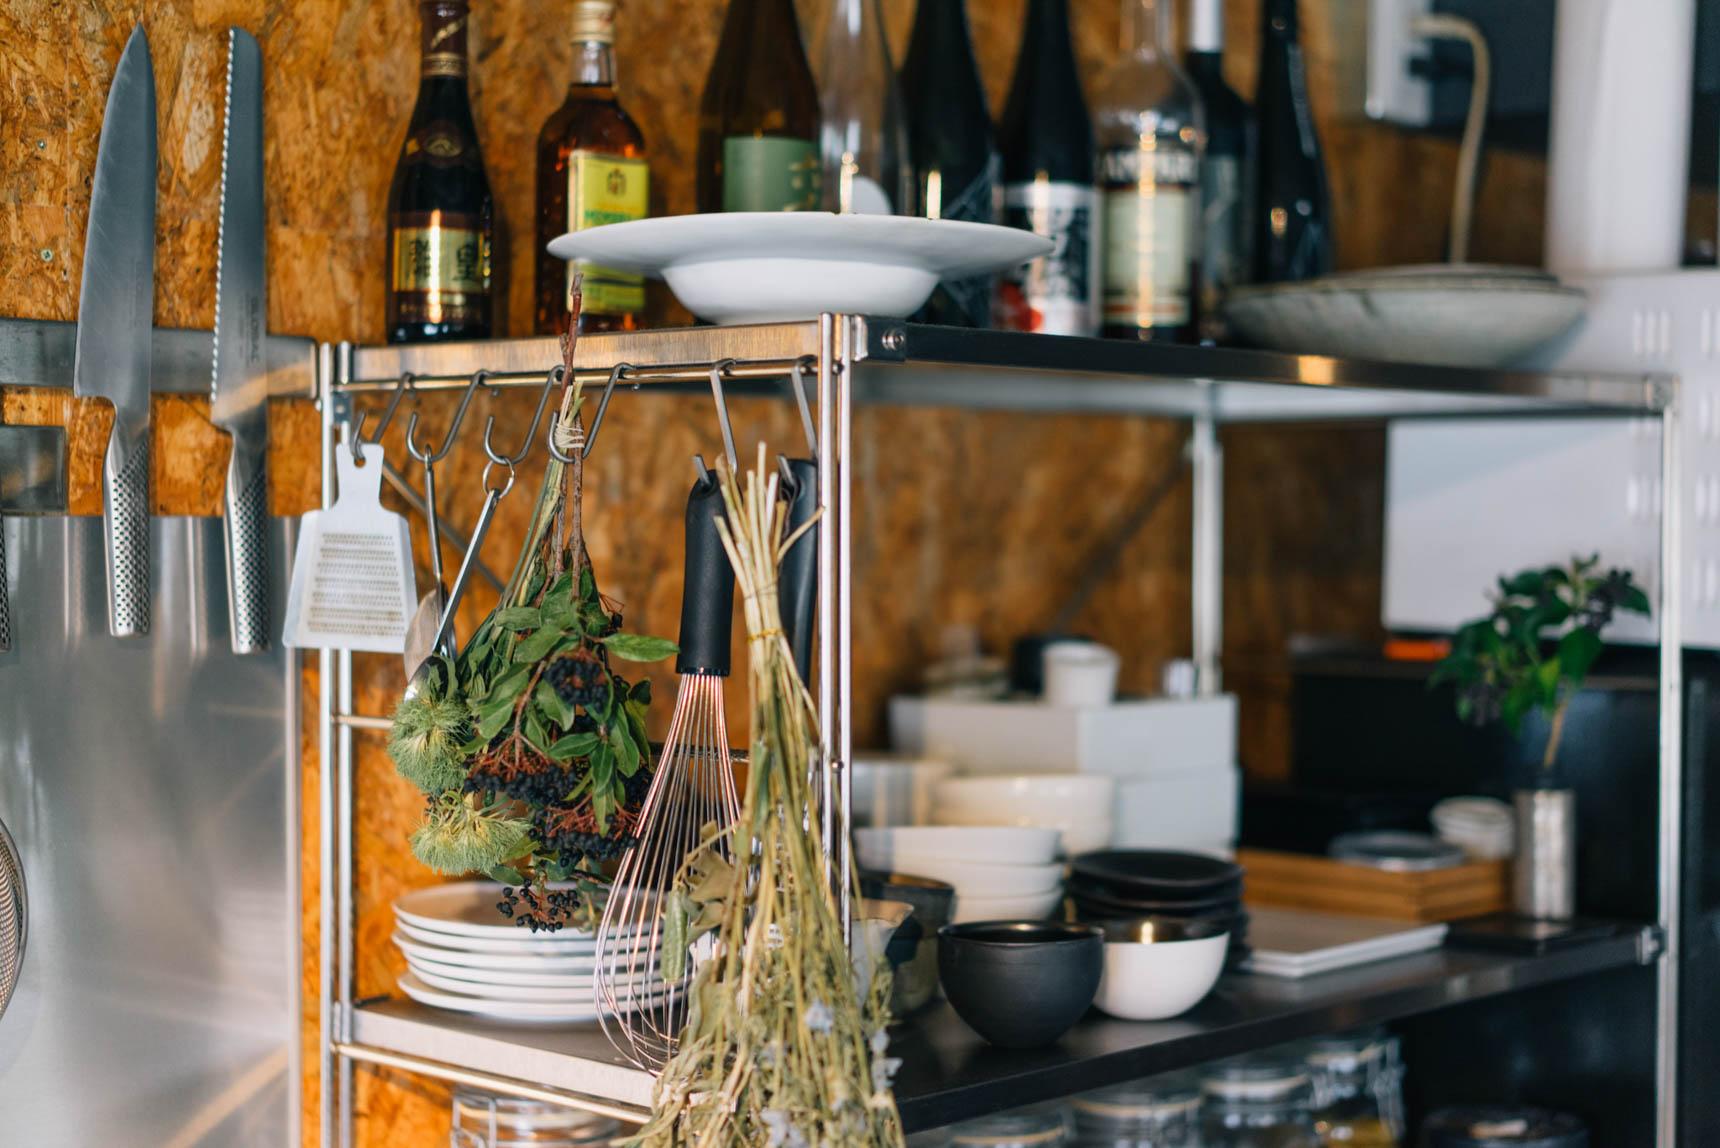 キッチンの食器棚はオープン。最近はまっている日本酒や、スパイス、たくさんの器などが整頓されて並びます。